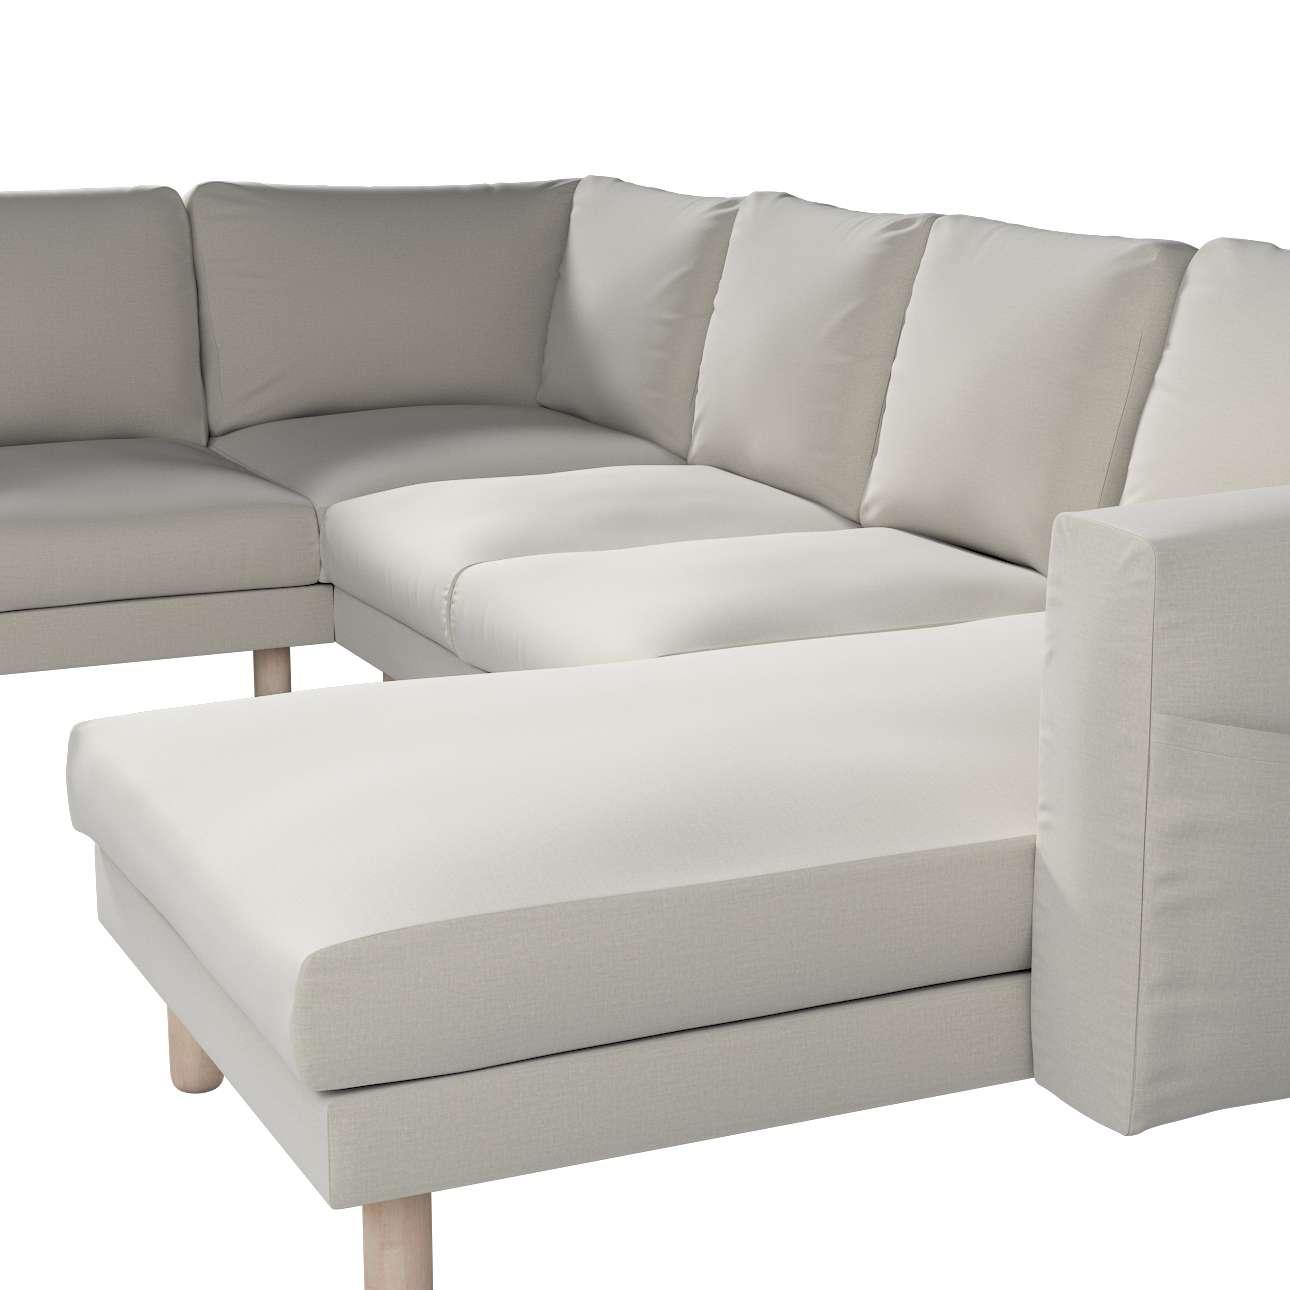 Pokrowiec na sofę narożną Norsborg 5-osobową z szezlongiem w kolekcji Ingrid, tkanina: 705-40